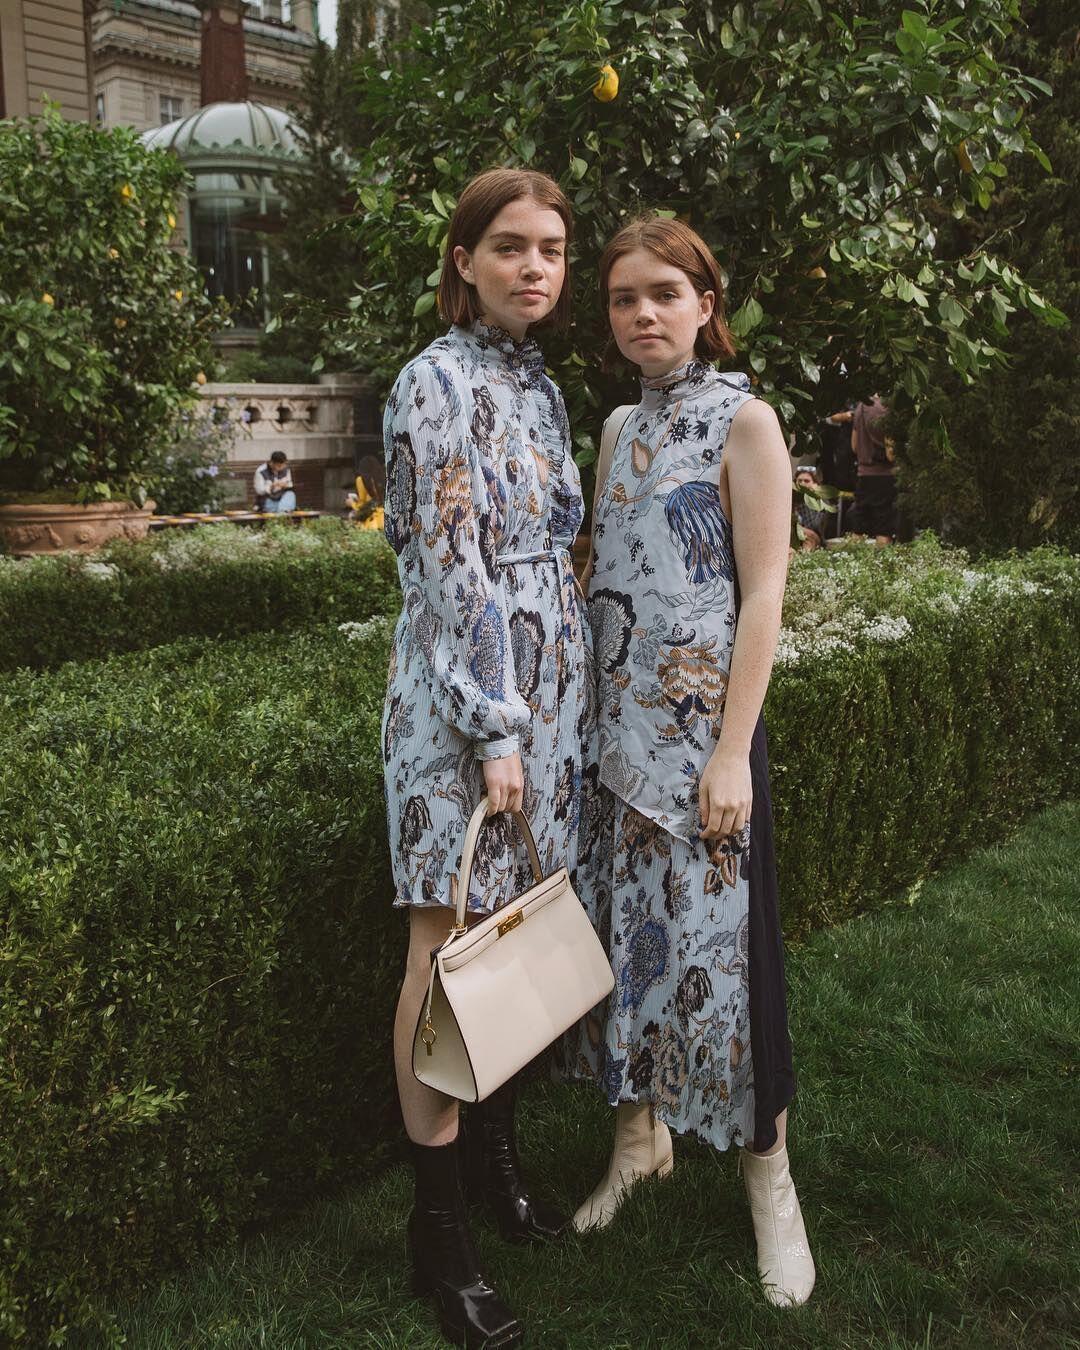 Intip Street Style di New York Fashion Week, Bisa Jadi Inspirasi Nih